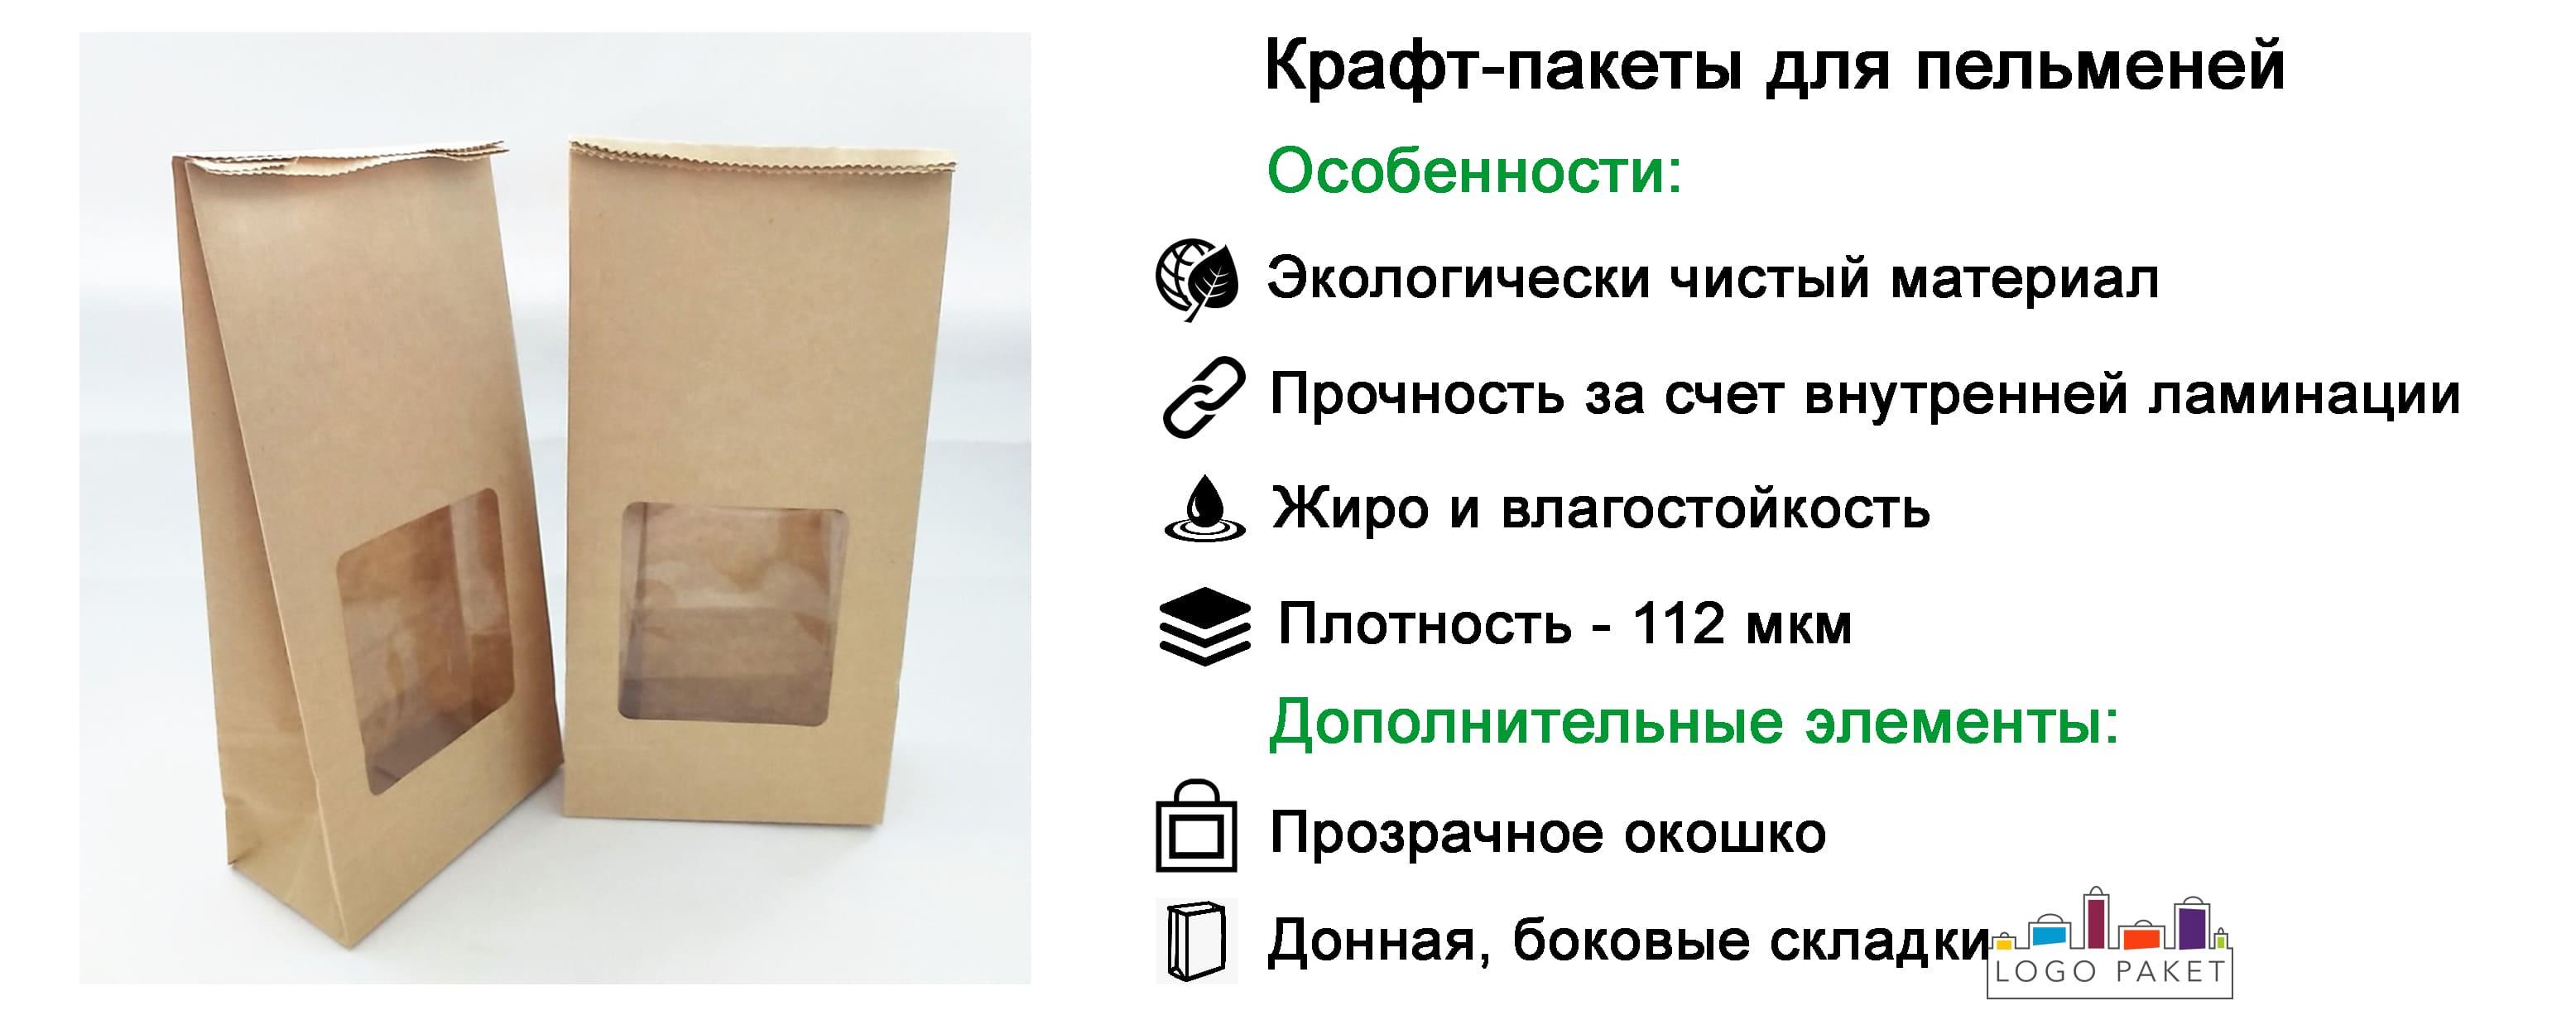 Крафт-пакеты для пельменей инфографика